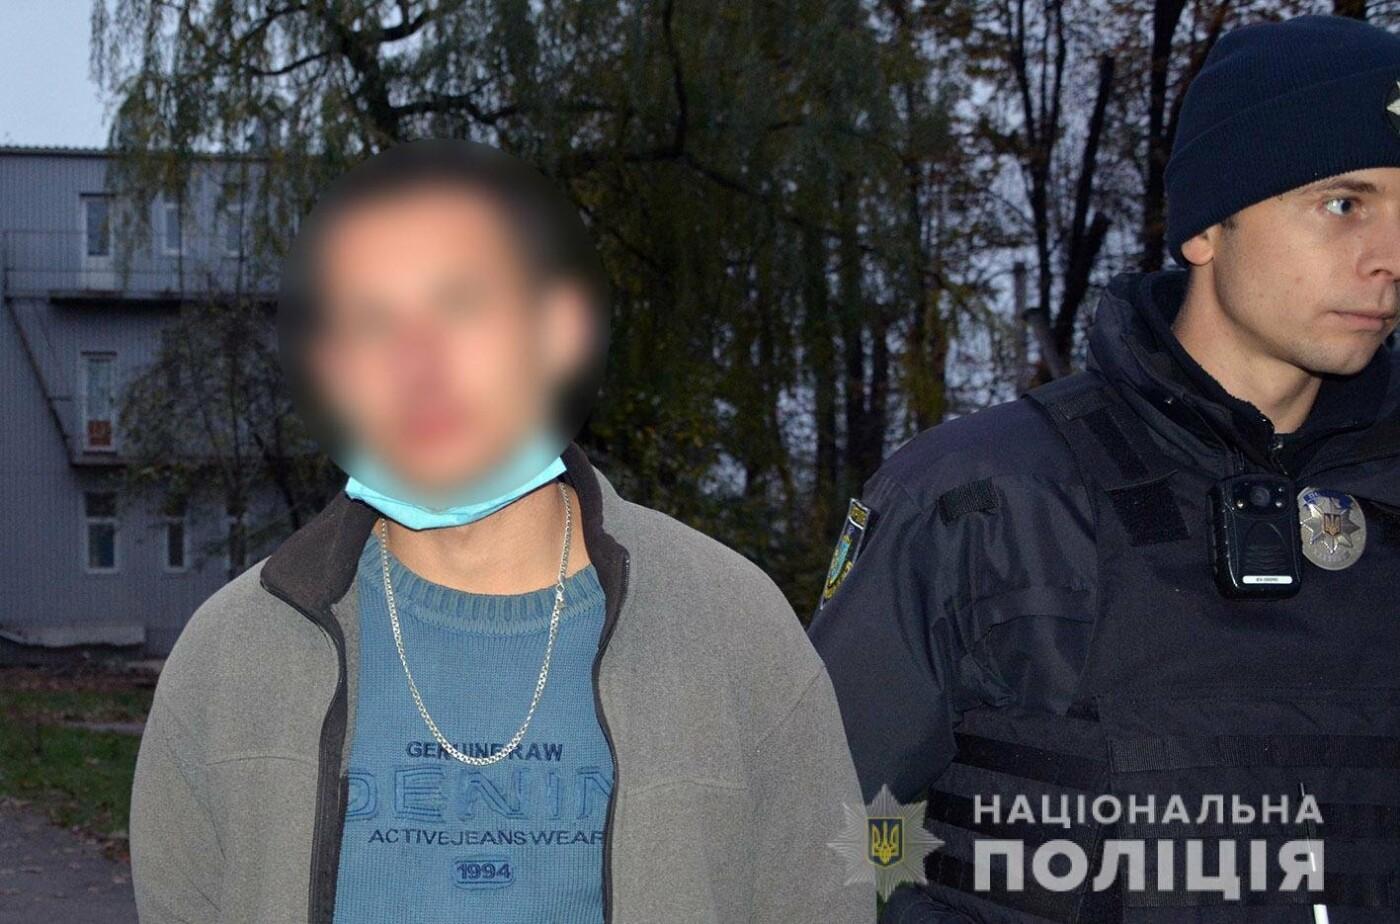 У Хмельницькому громадяни допомогли затримати зловмисника, який пограбував кафе на 40 тисяч гривень , фото-4